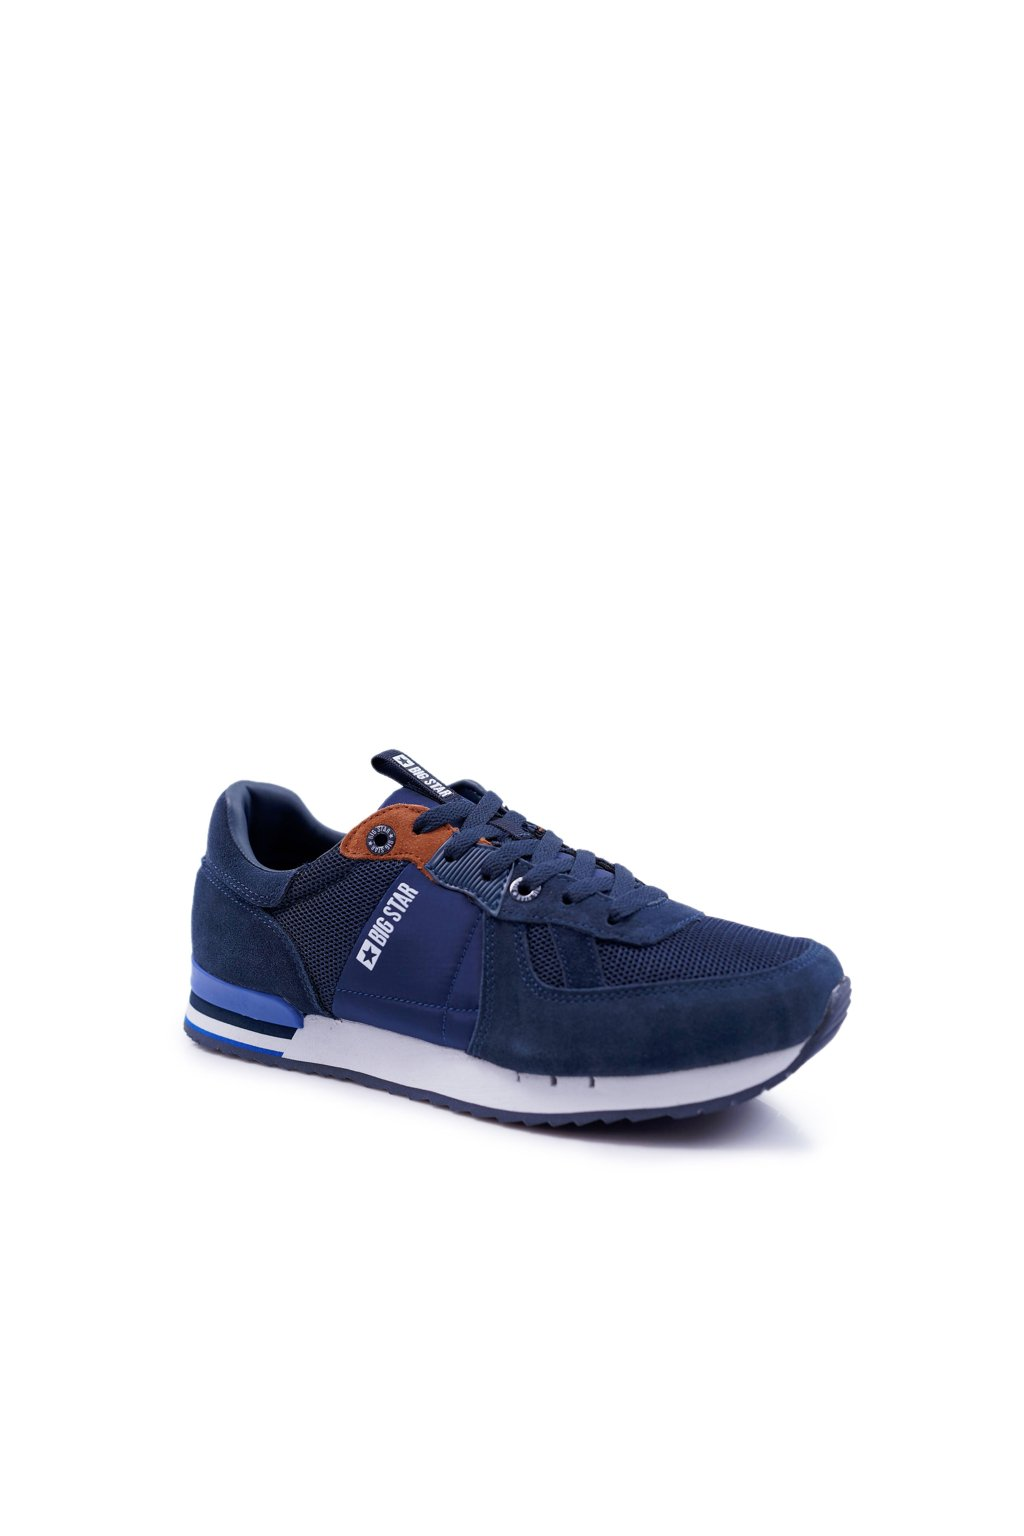 Modrá obuv kód topánok DD174321 NAVY